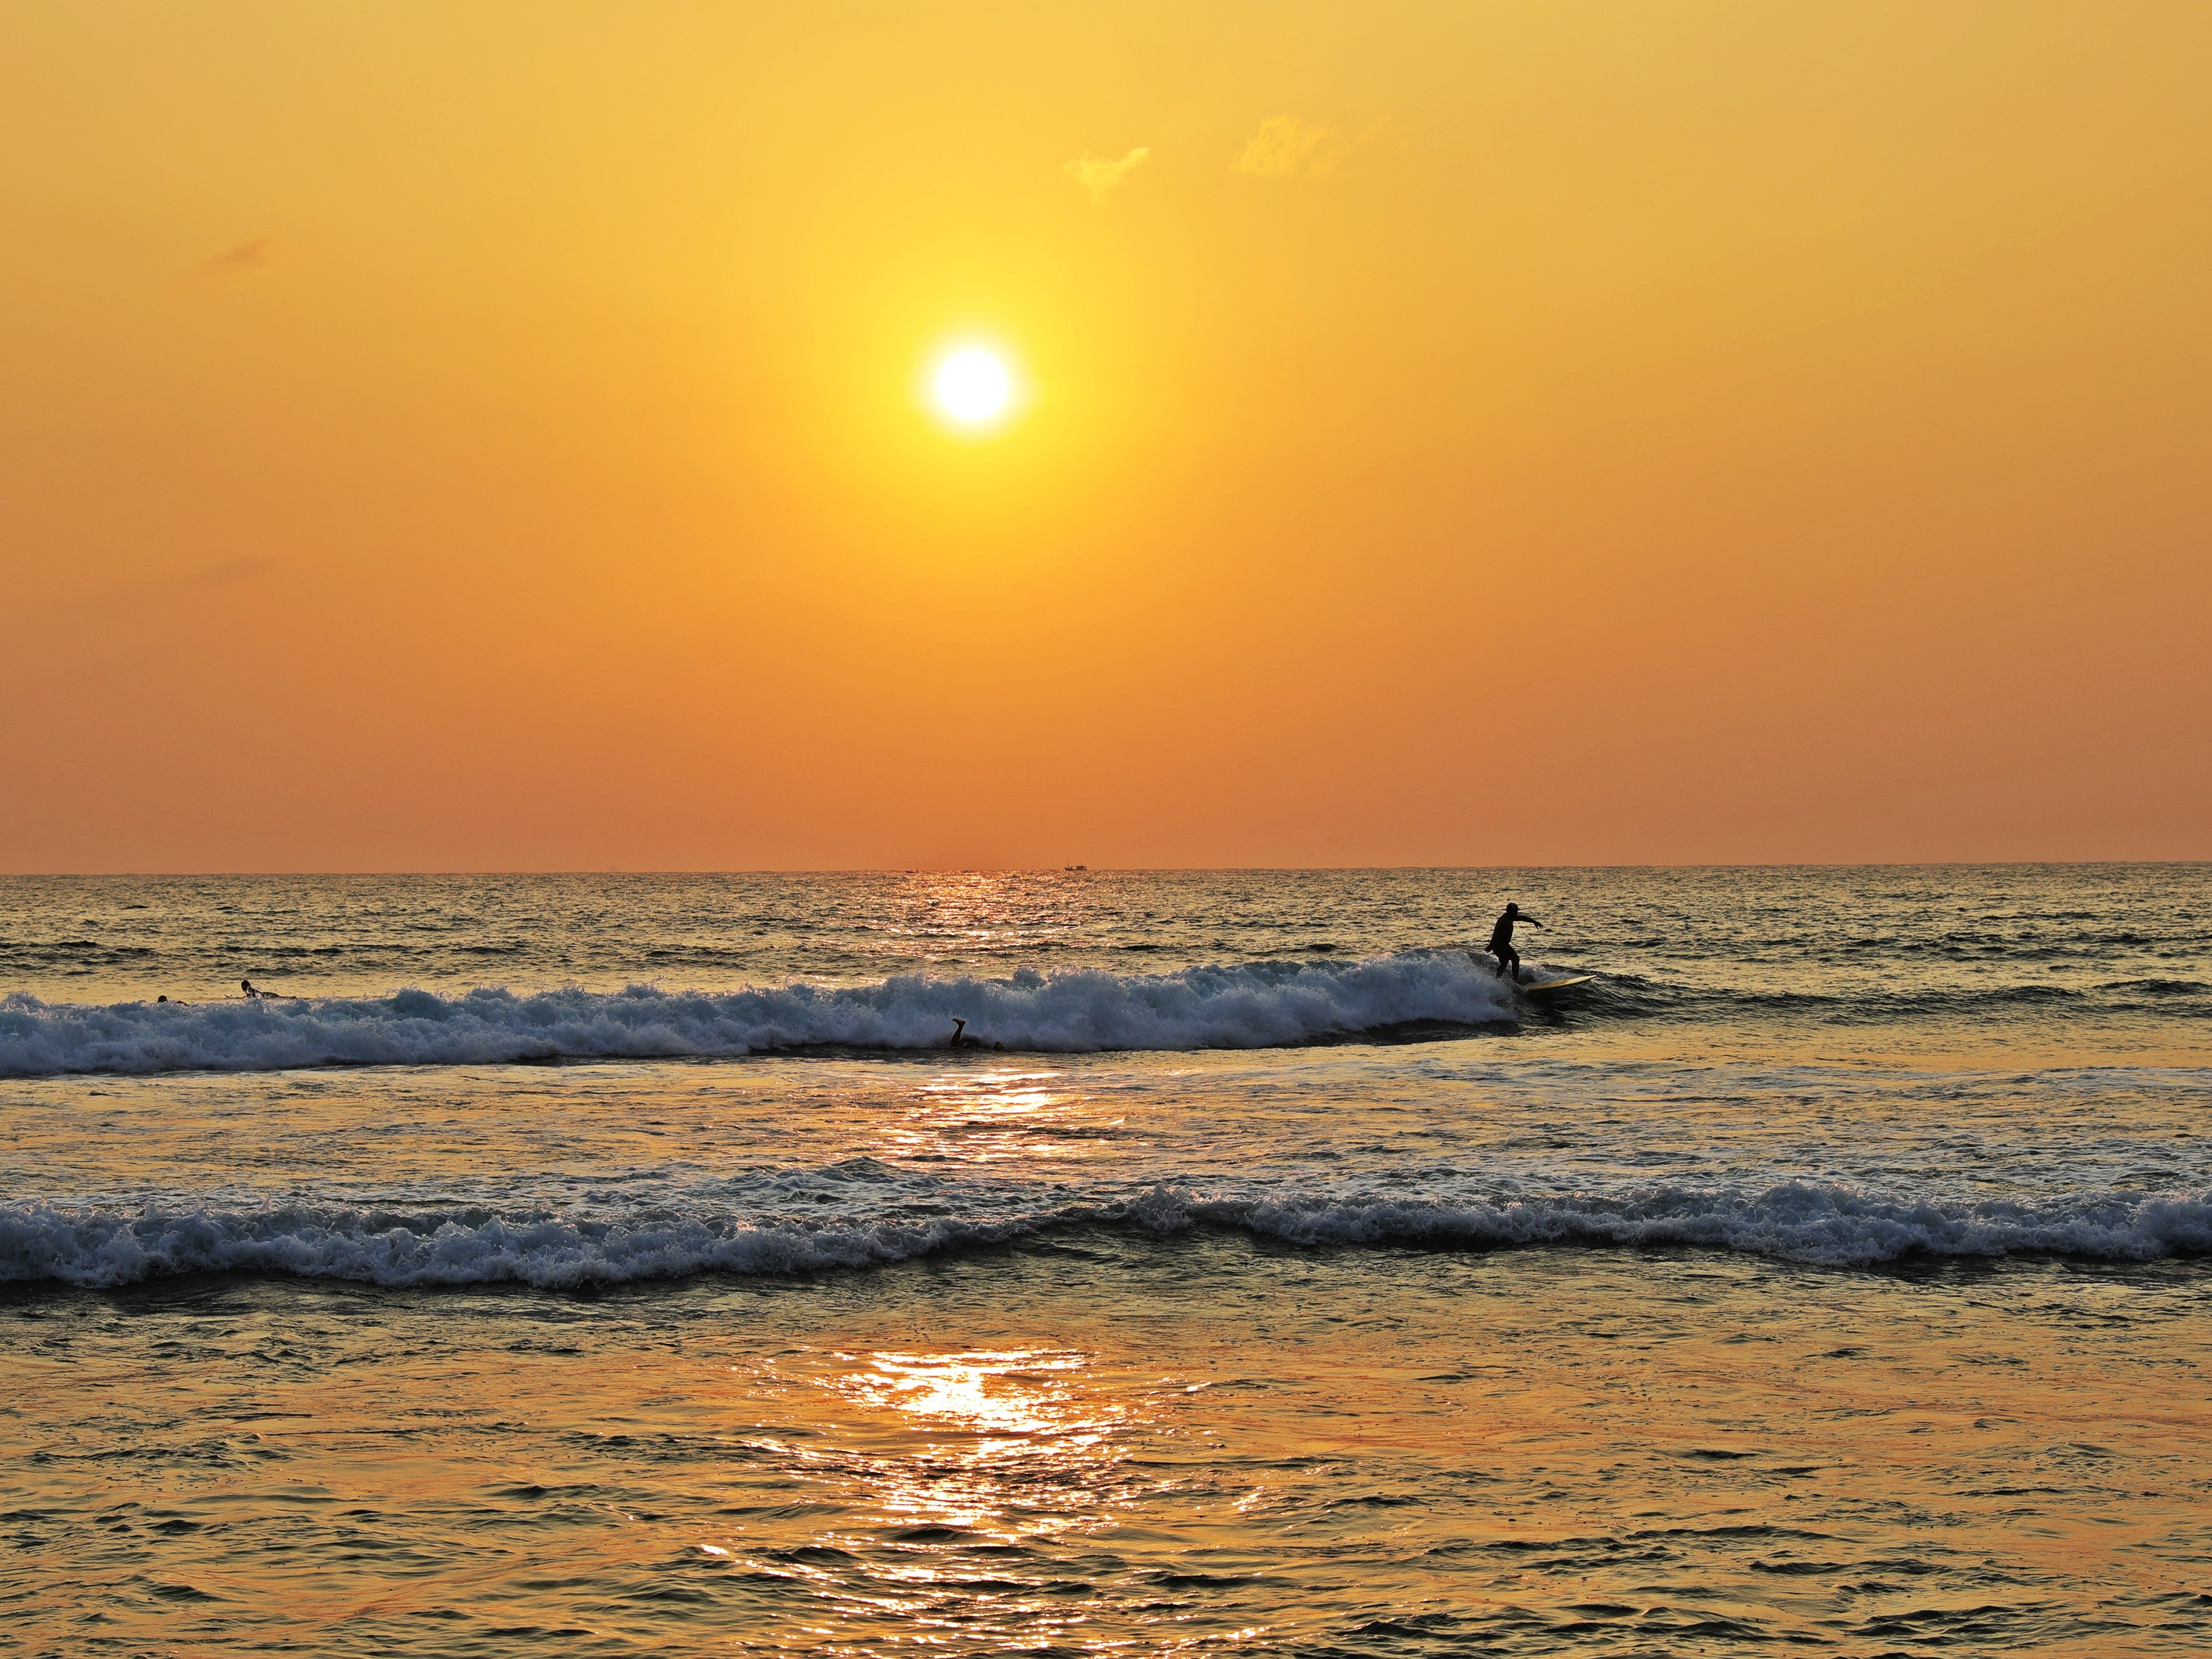 Surfer at sunset, Hikkaduwa